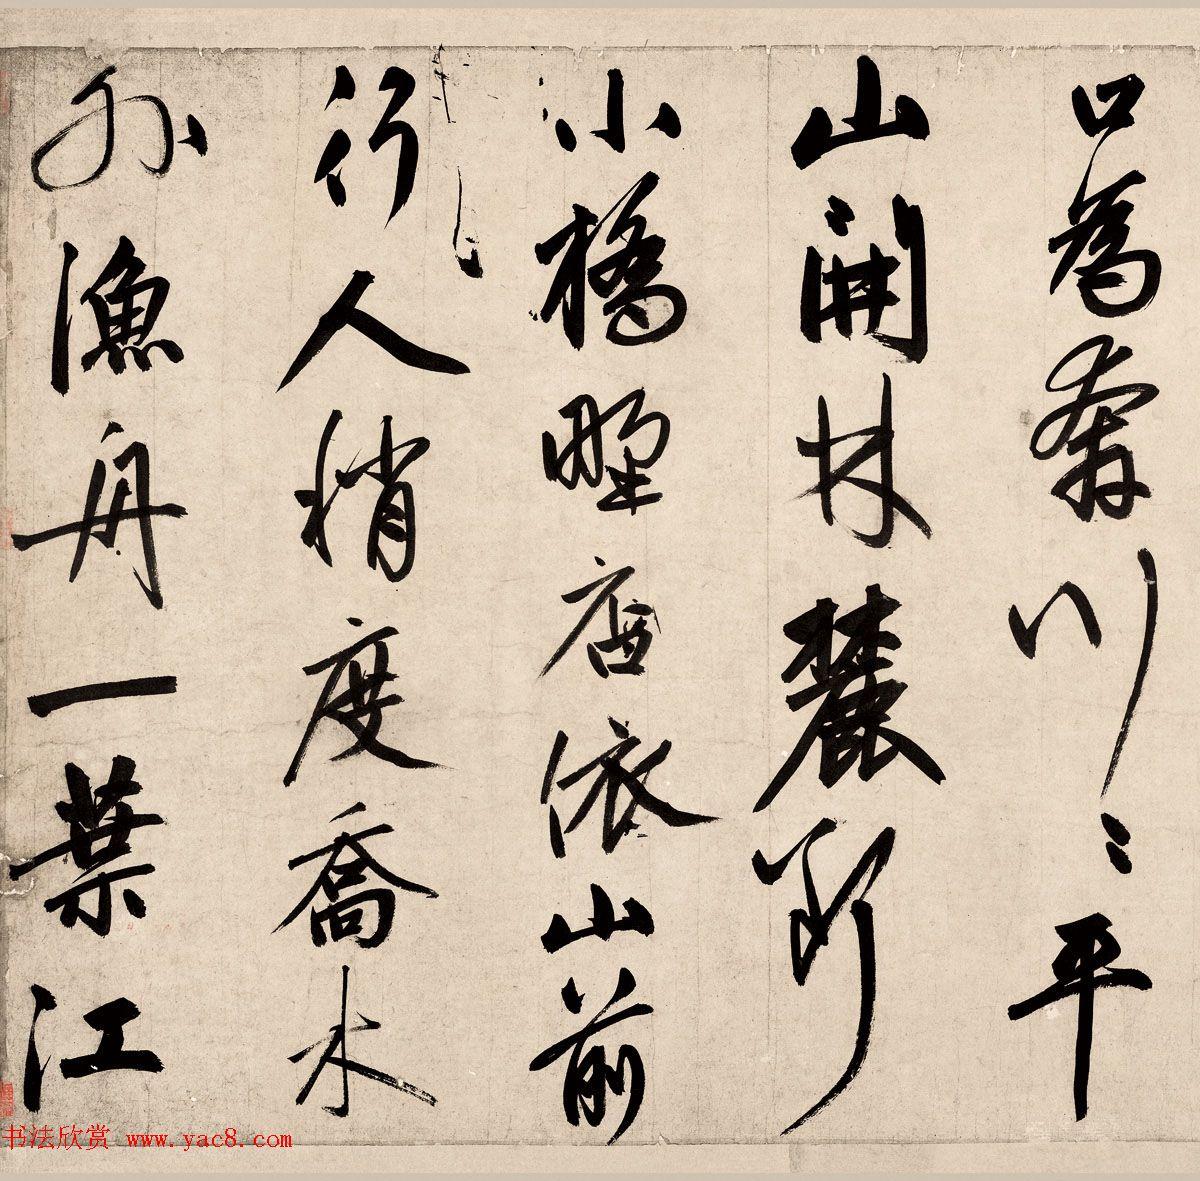 赵孟頫行书录苏东坡烟江叠嶂图诗